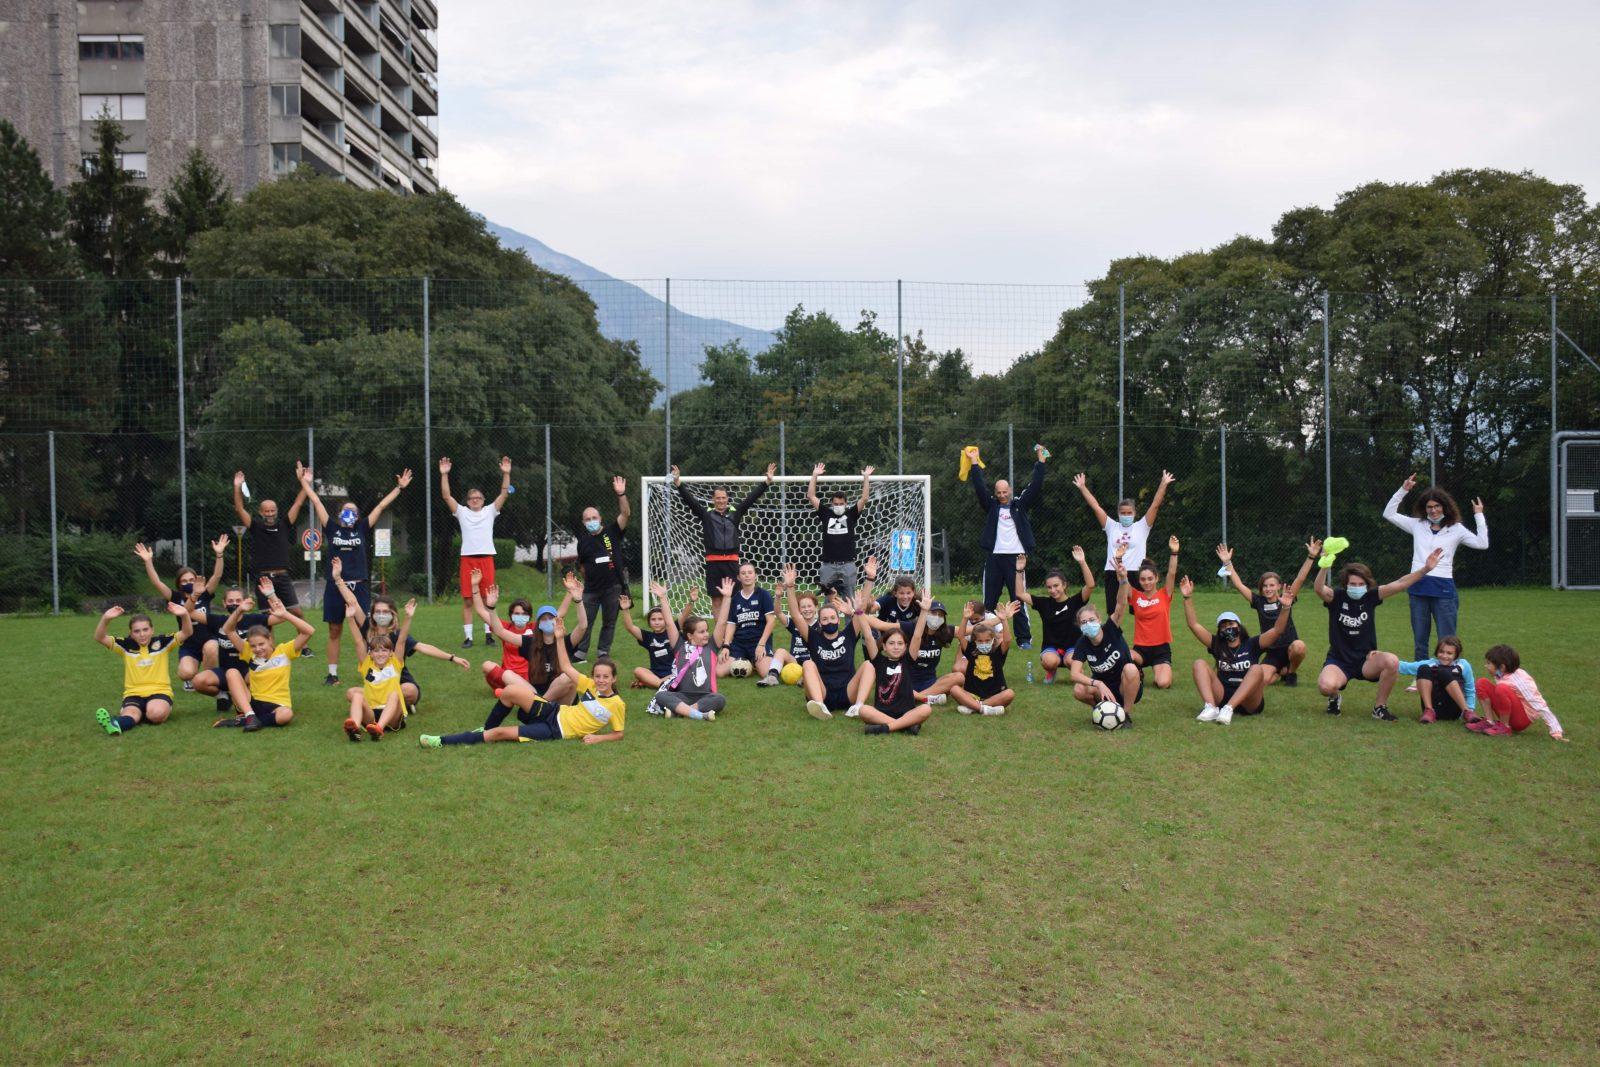 Foto di gruppo_Calcio: un gioco da ragazze2